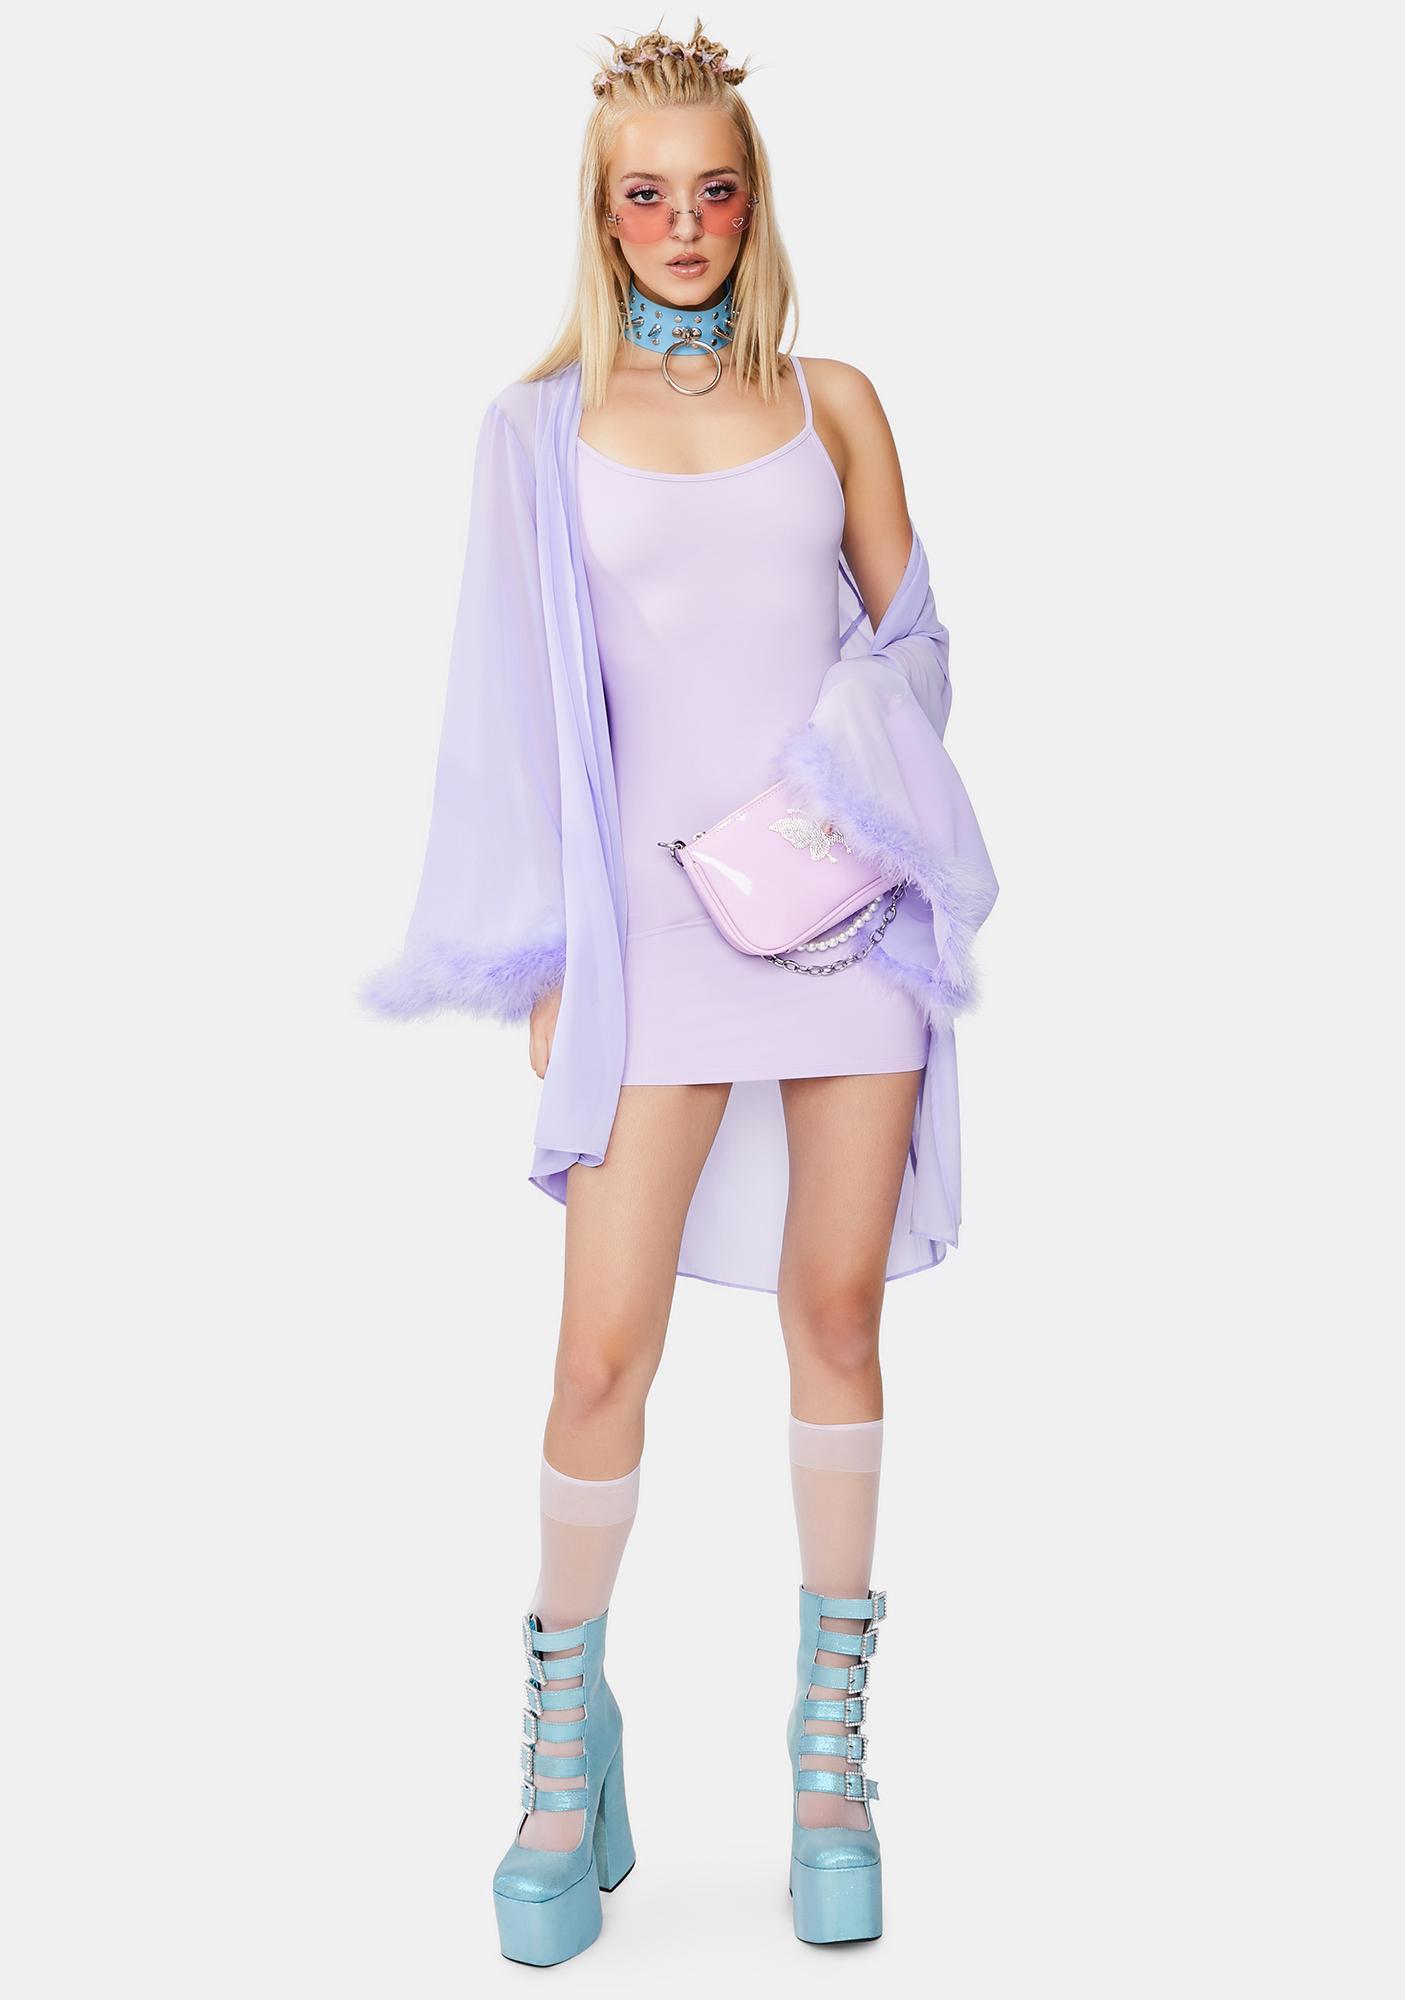 Kiki Riki Everything Luxurious Mini Dress